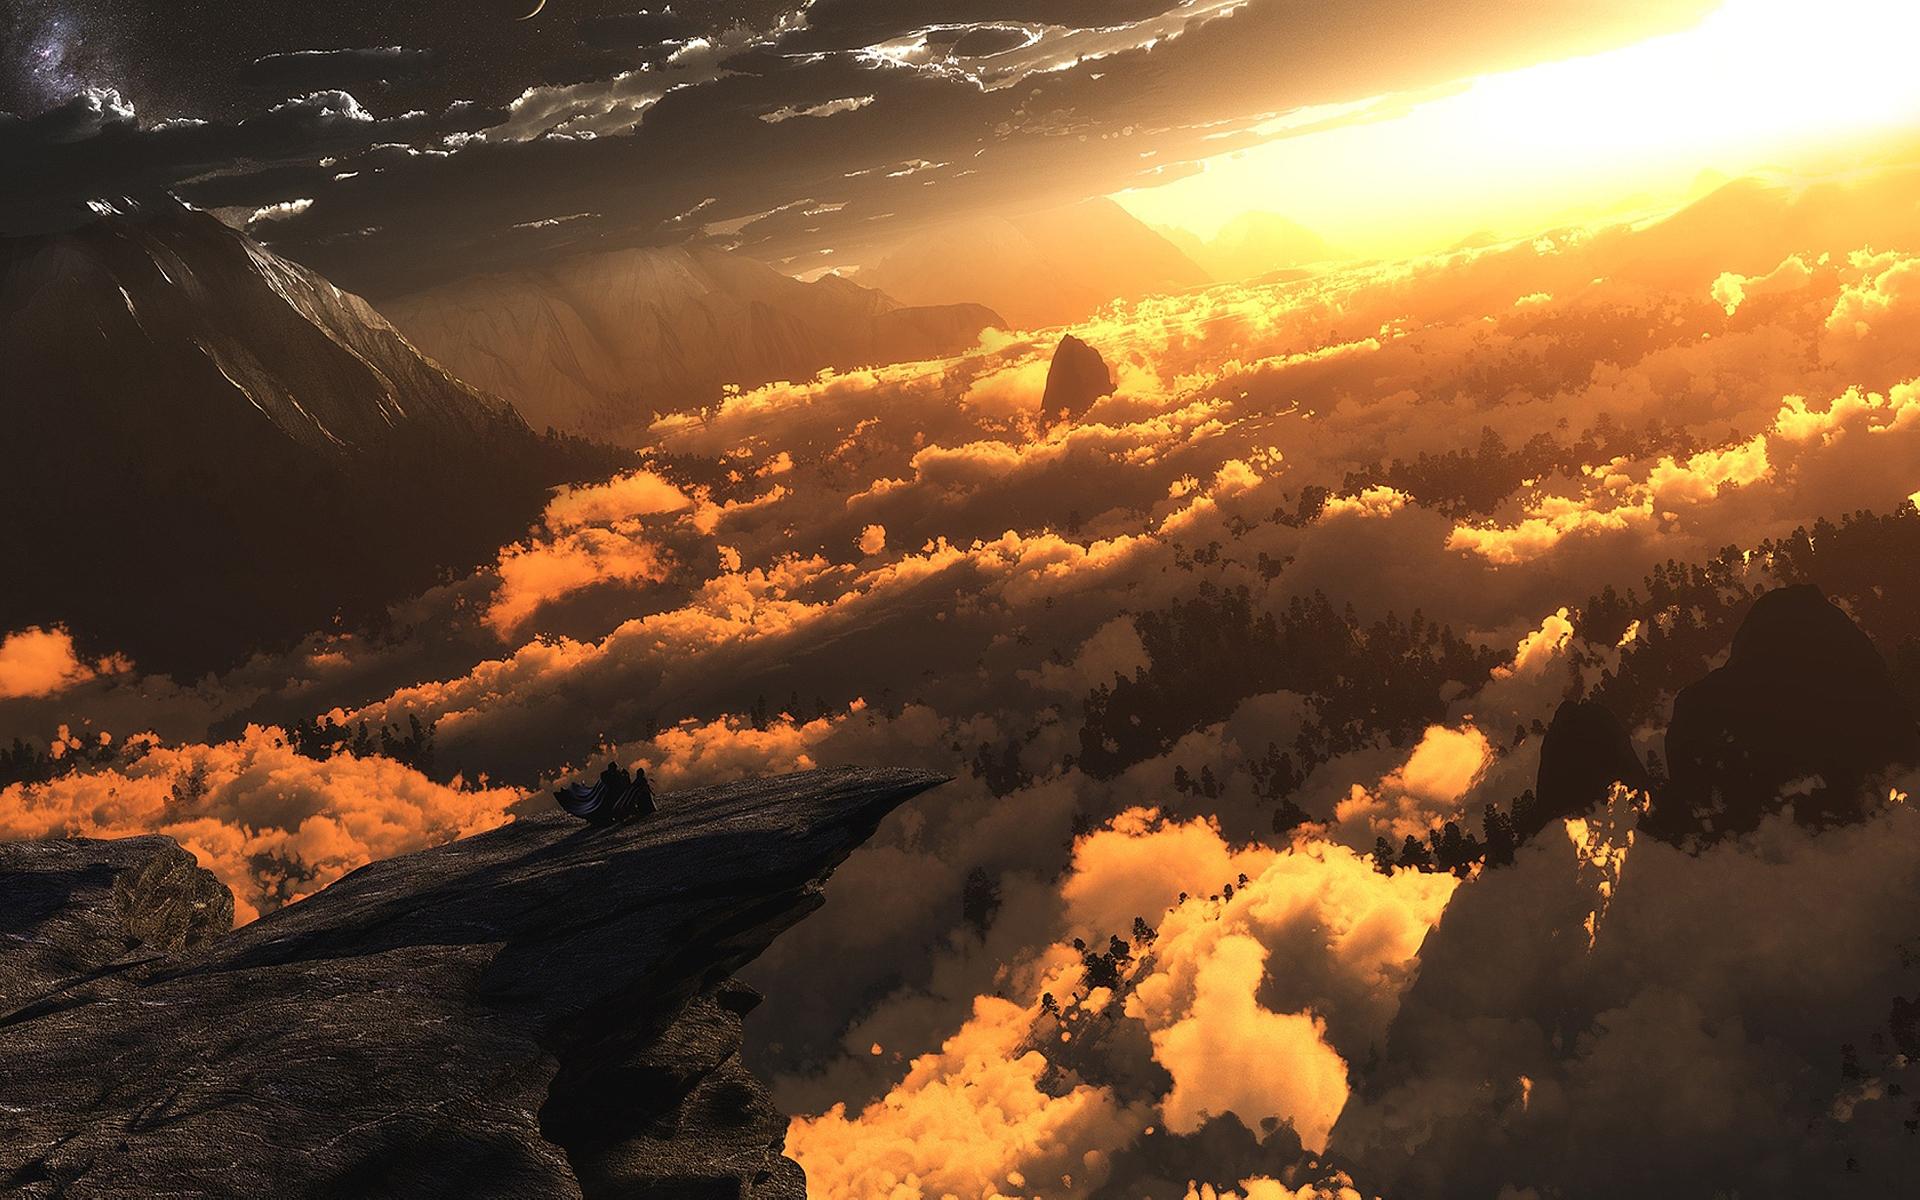 Digital Landscape Sunset